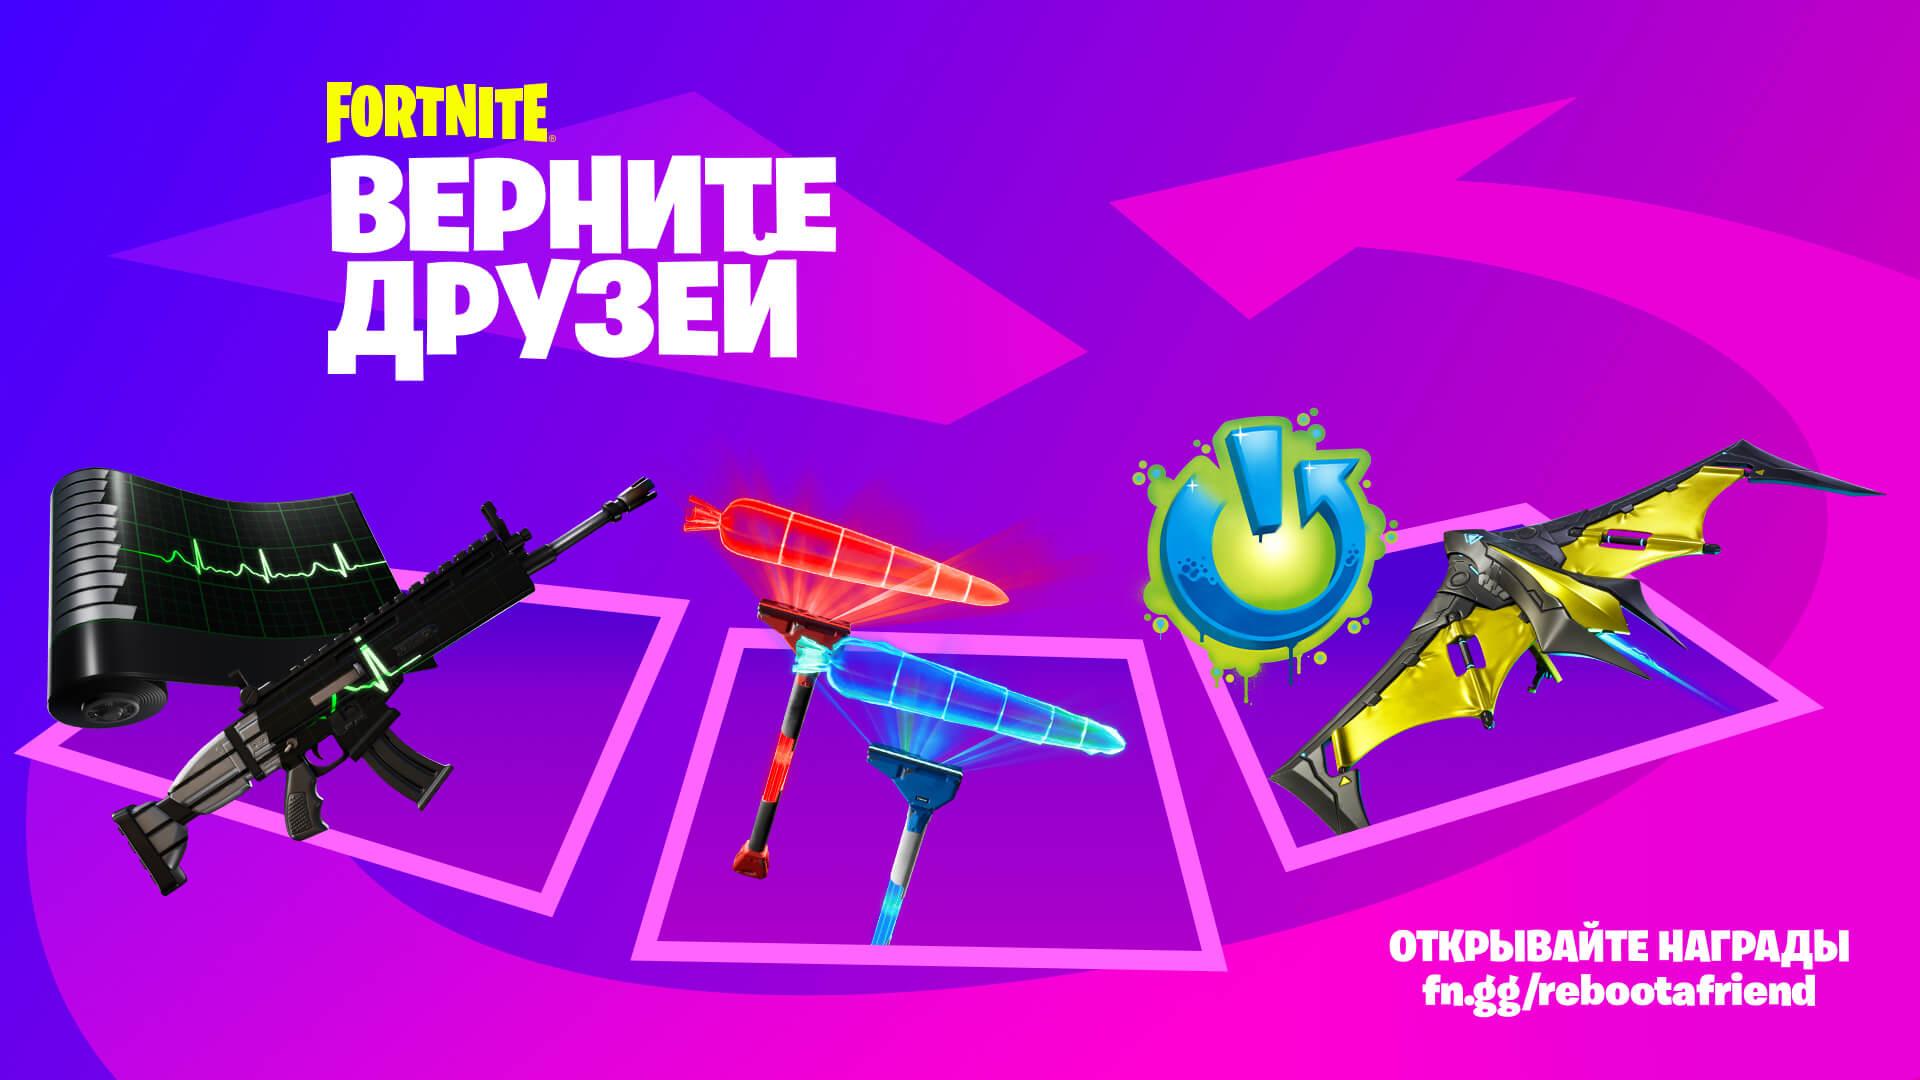 Fortnite Reboot A Friend Rewards RU